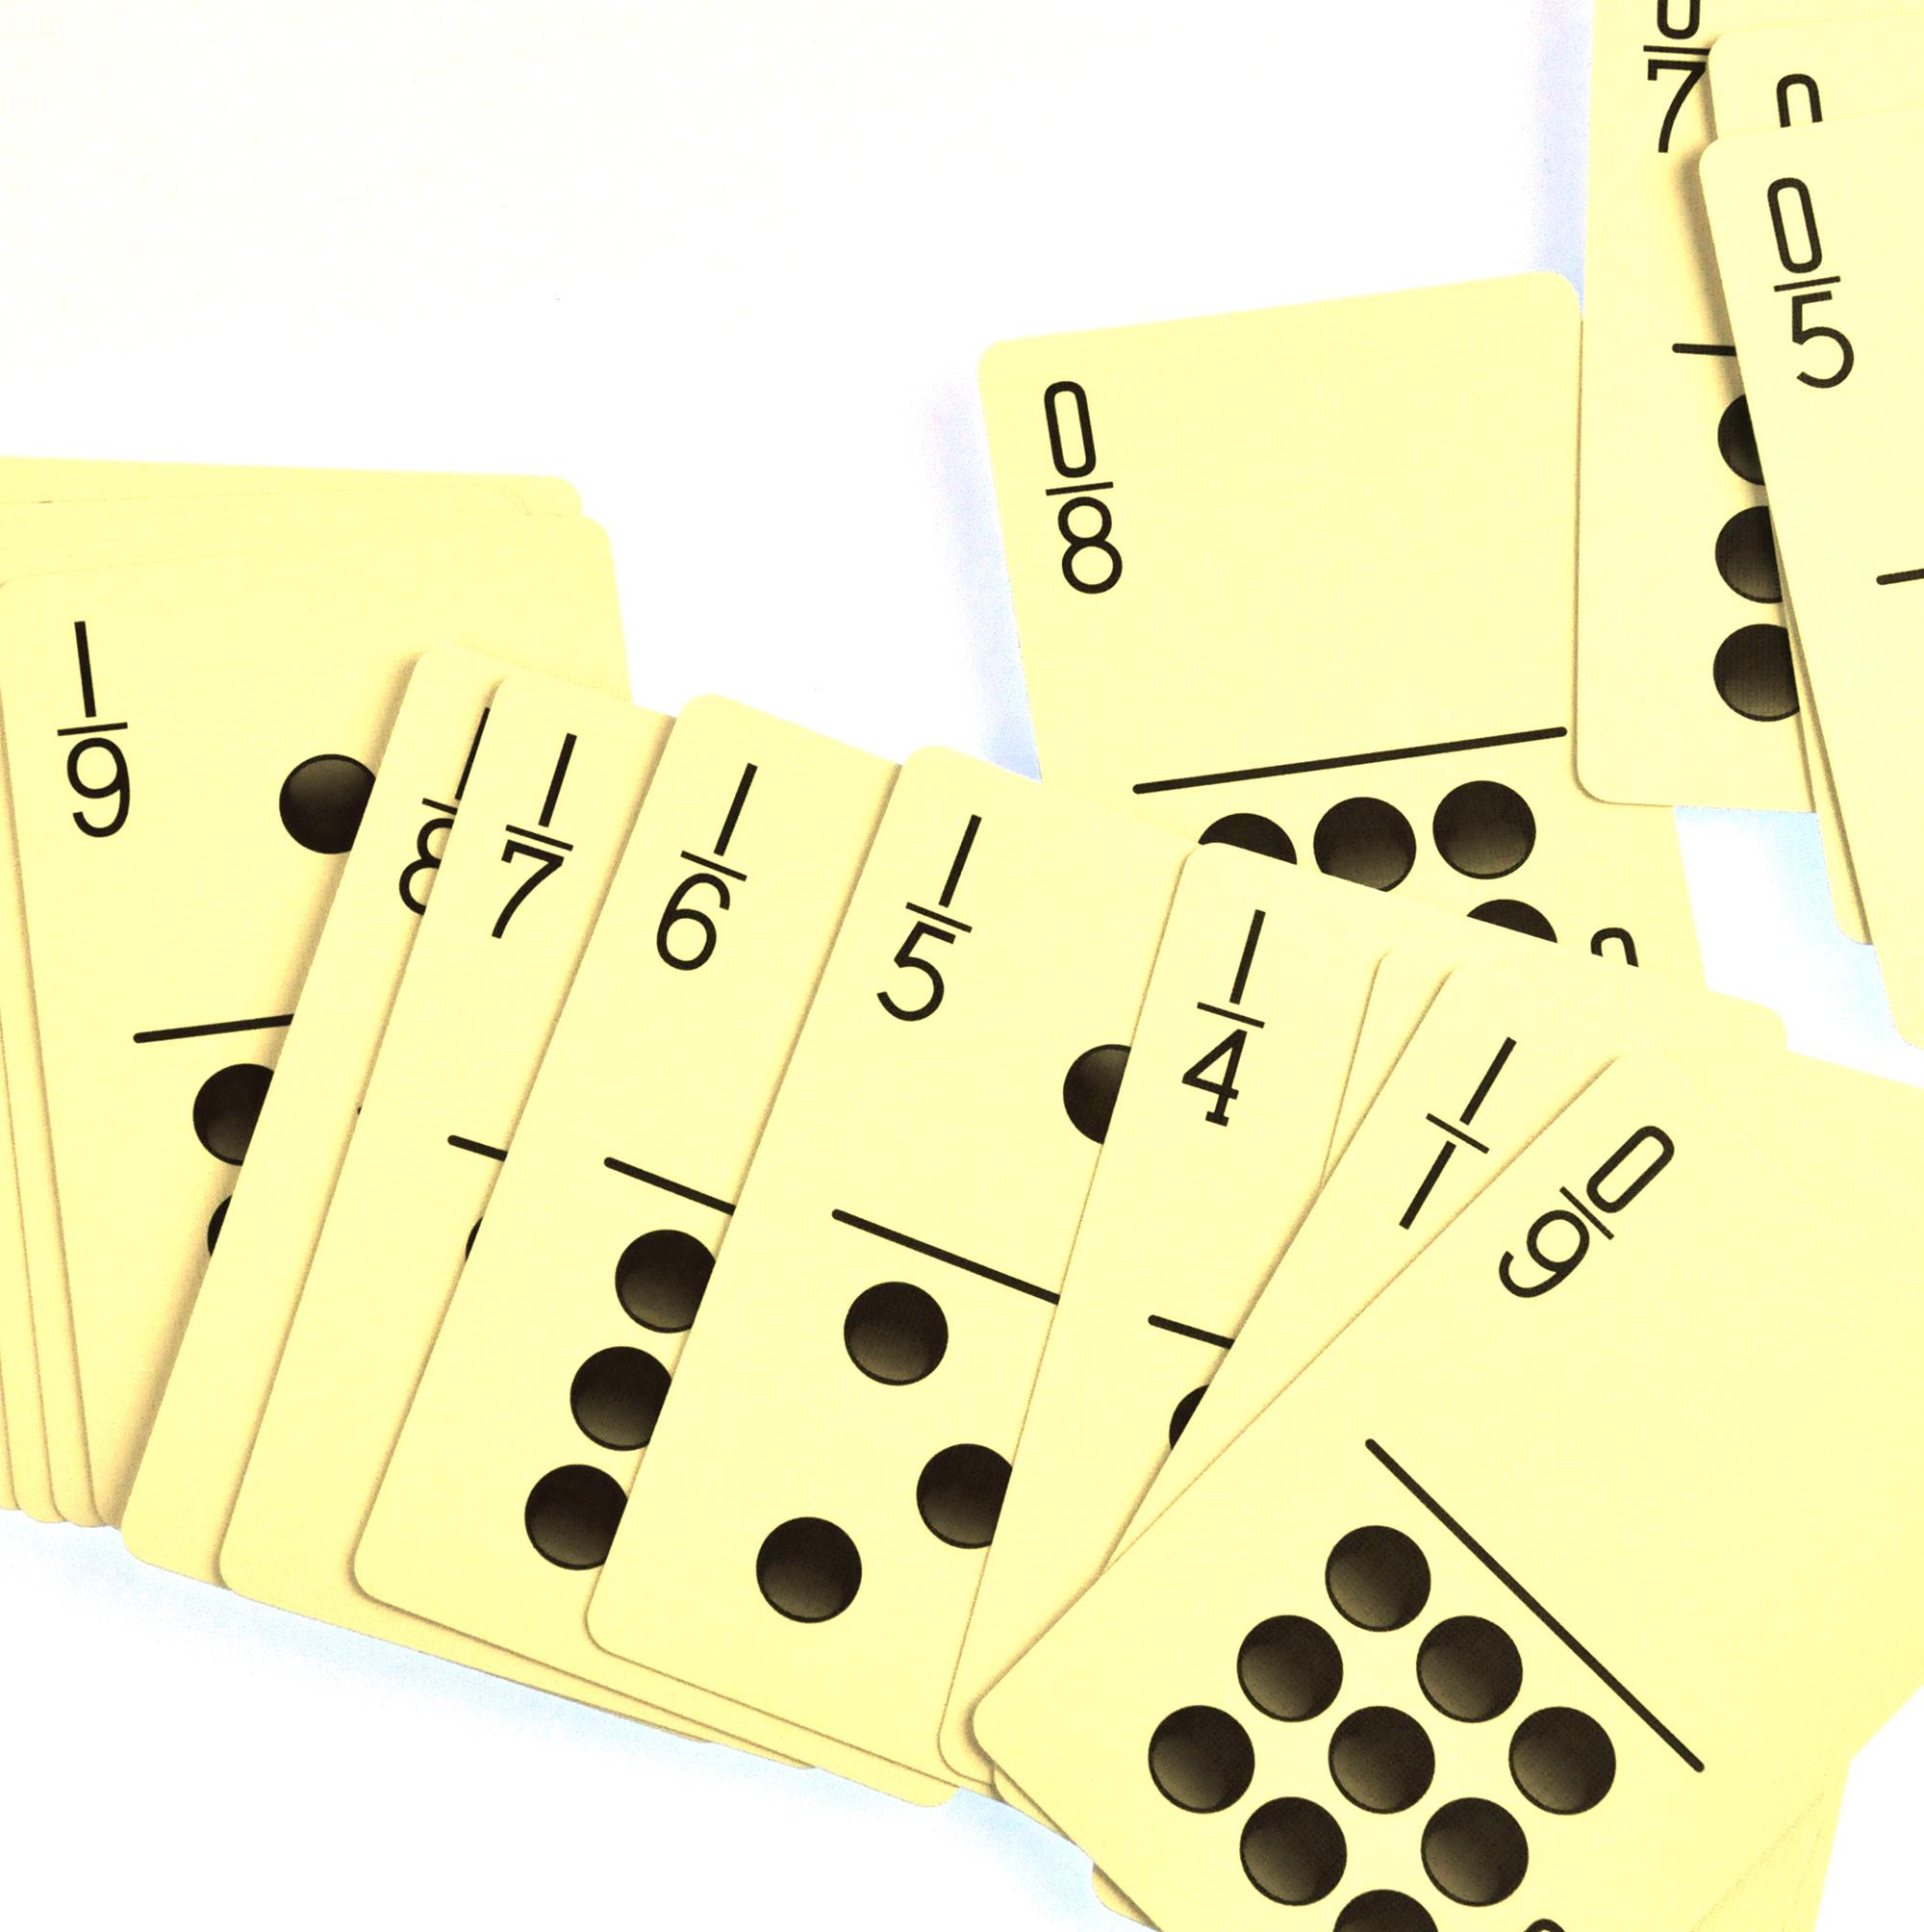 Картинка карточки домино